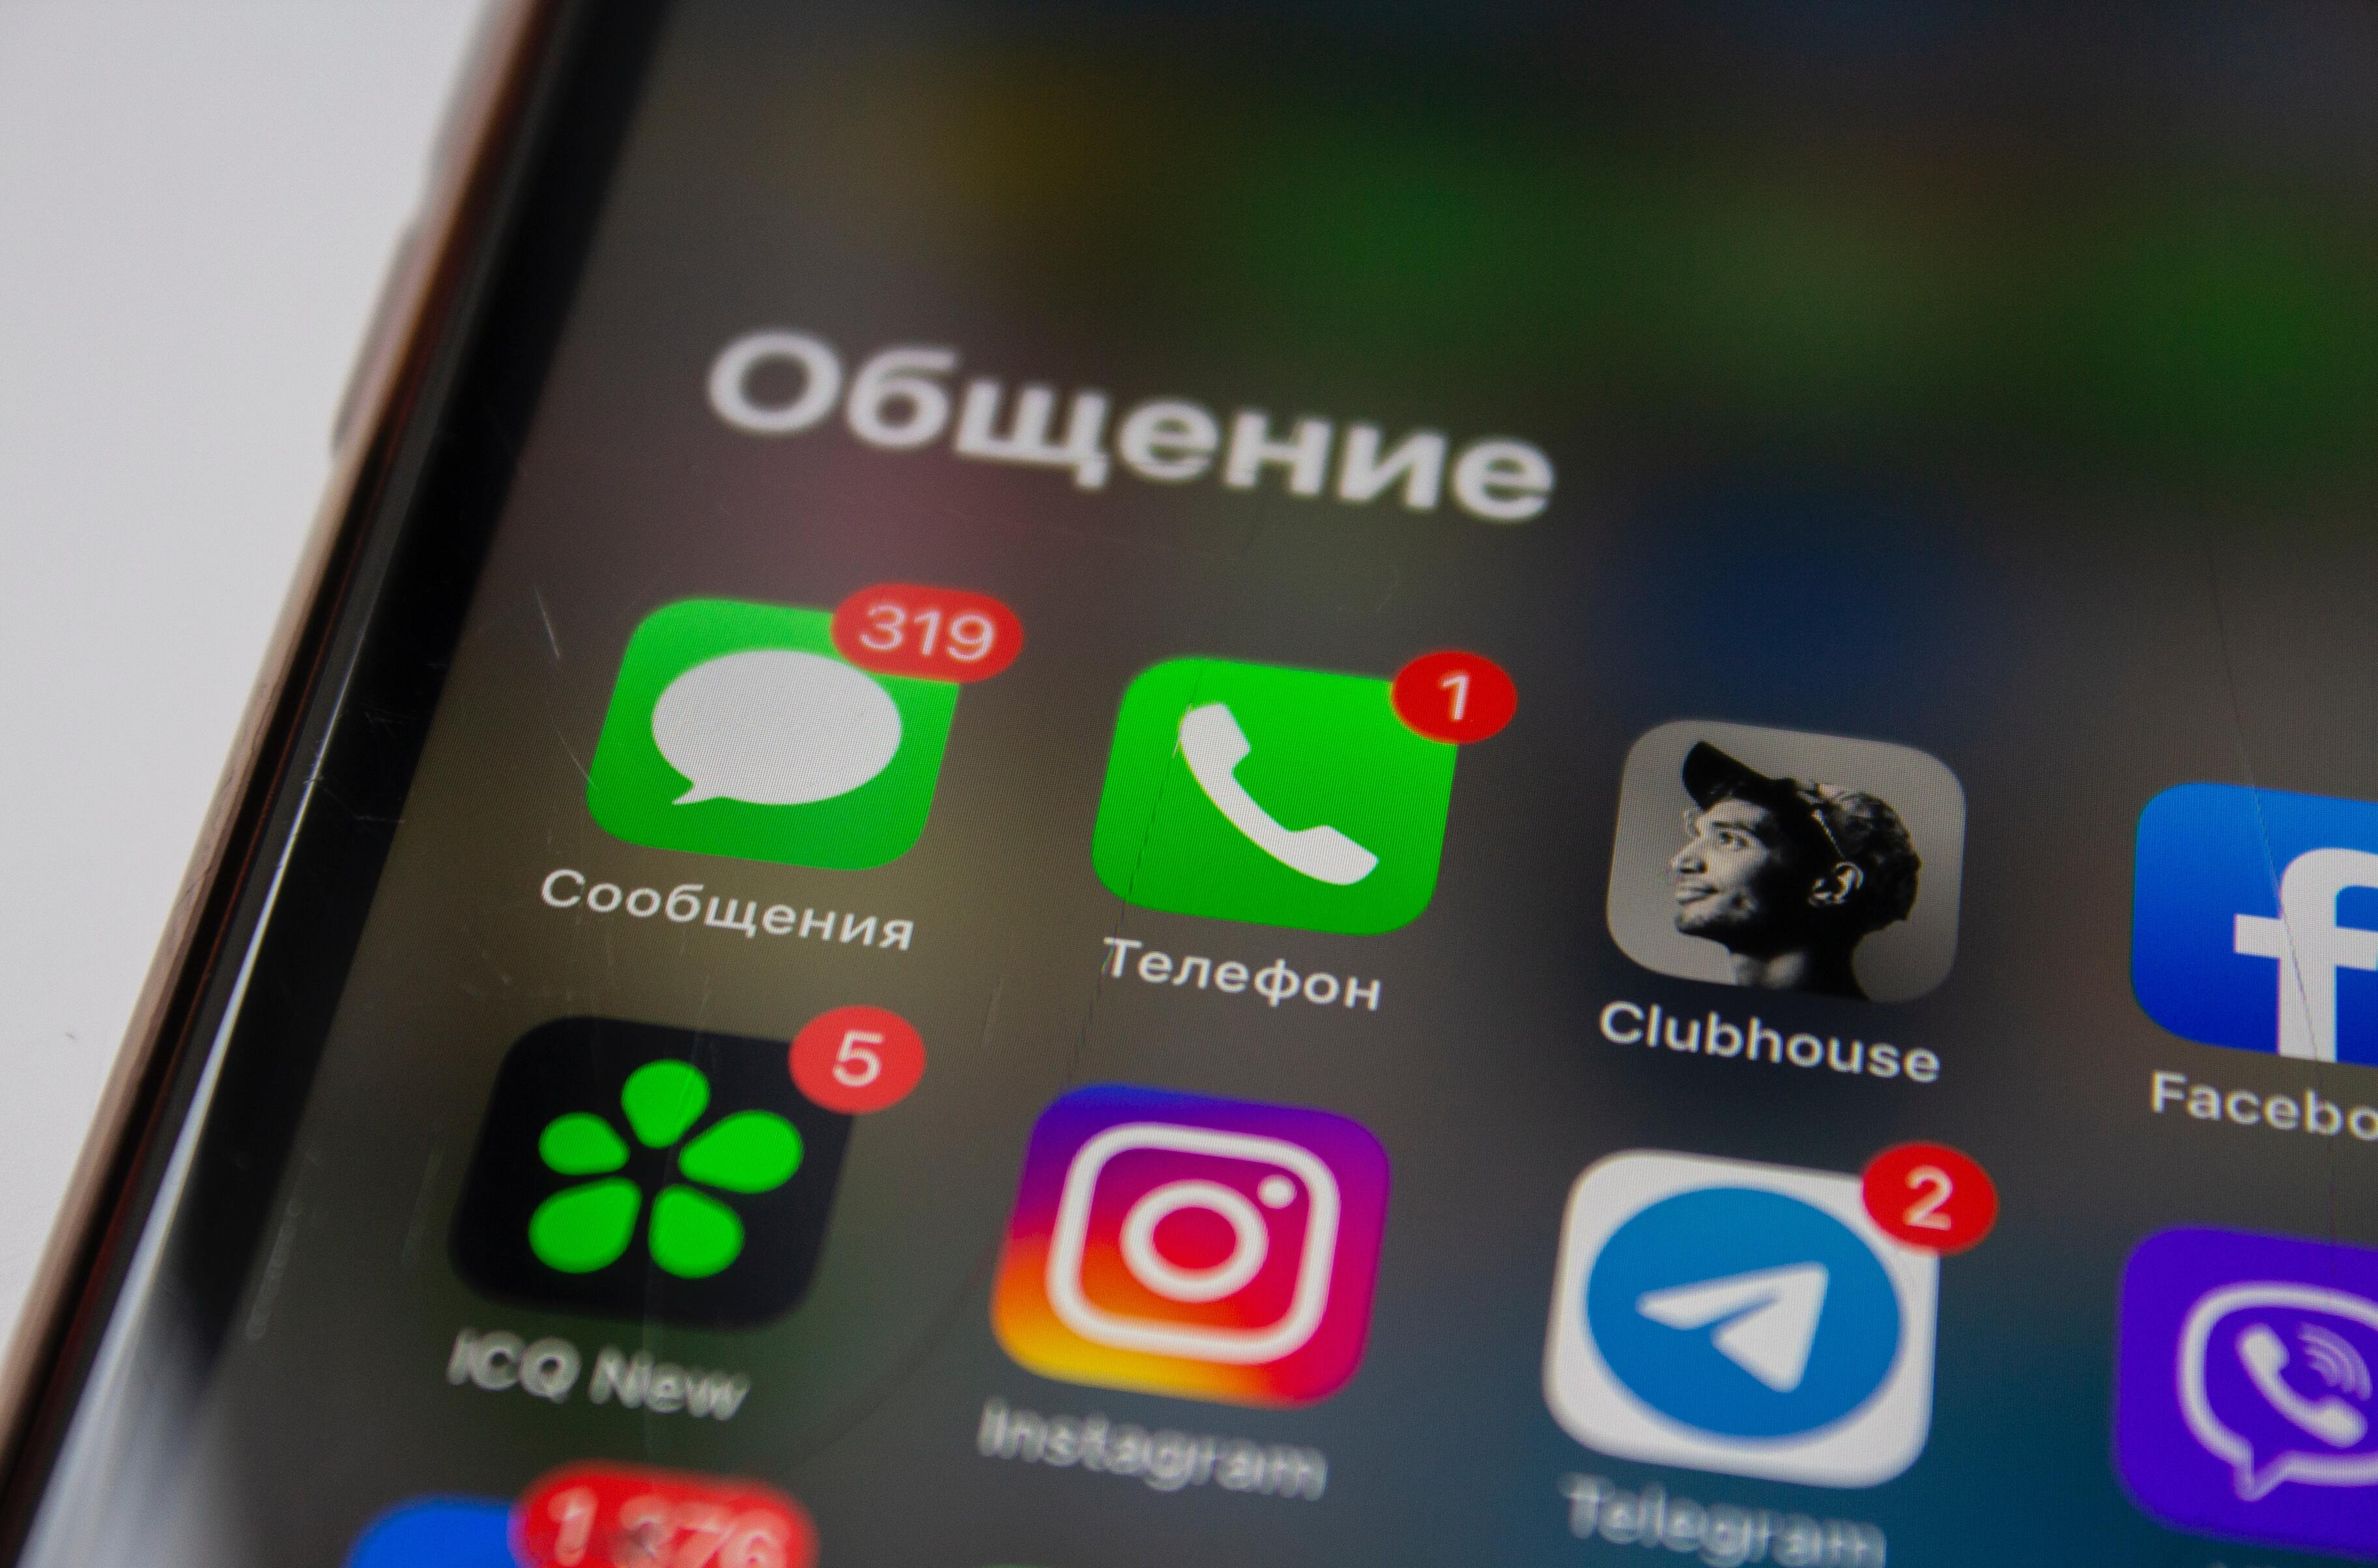 В сеть утекли разговоры пользователей Clubhouse